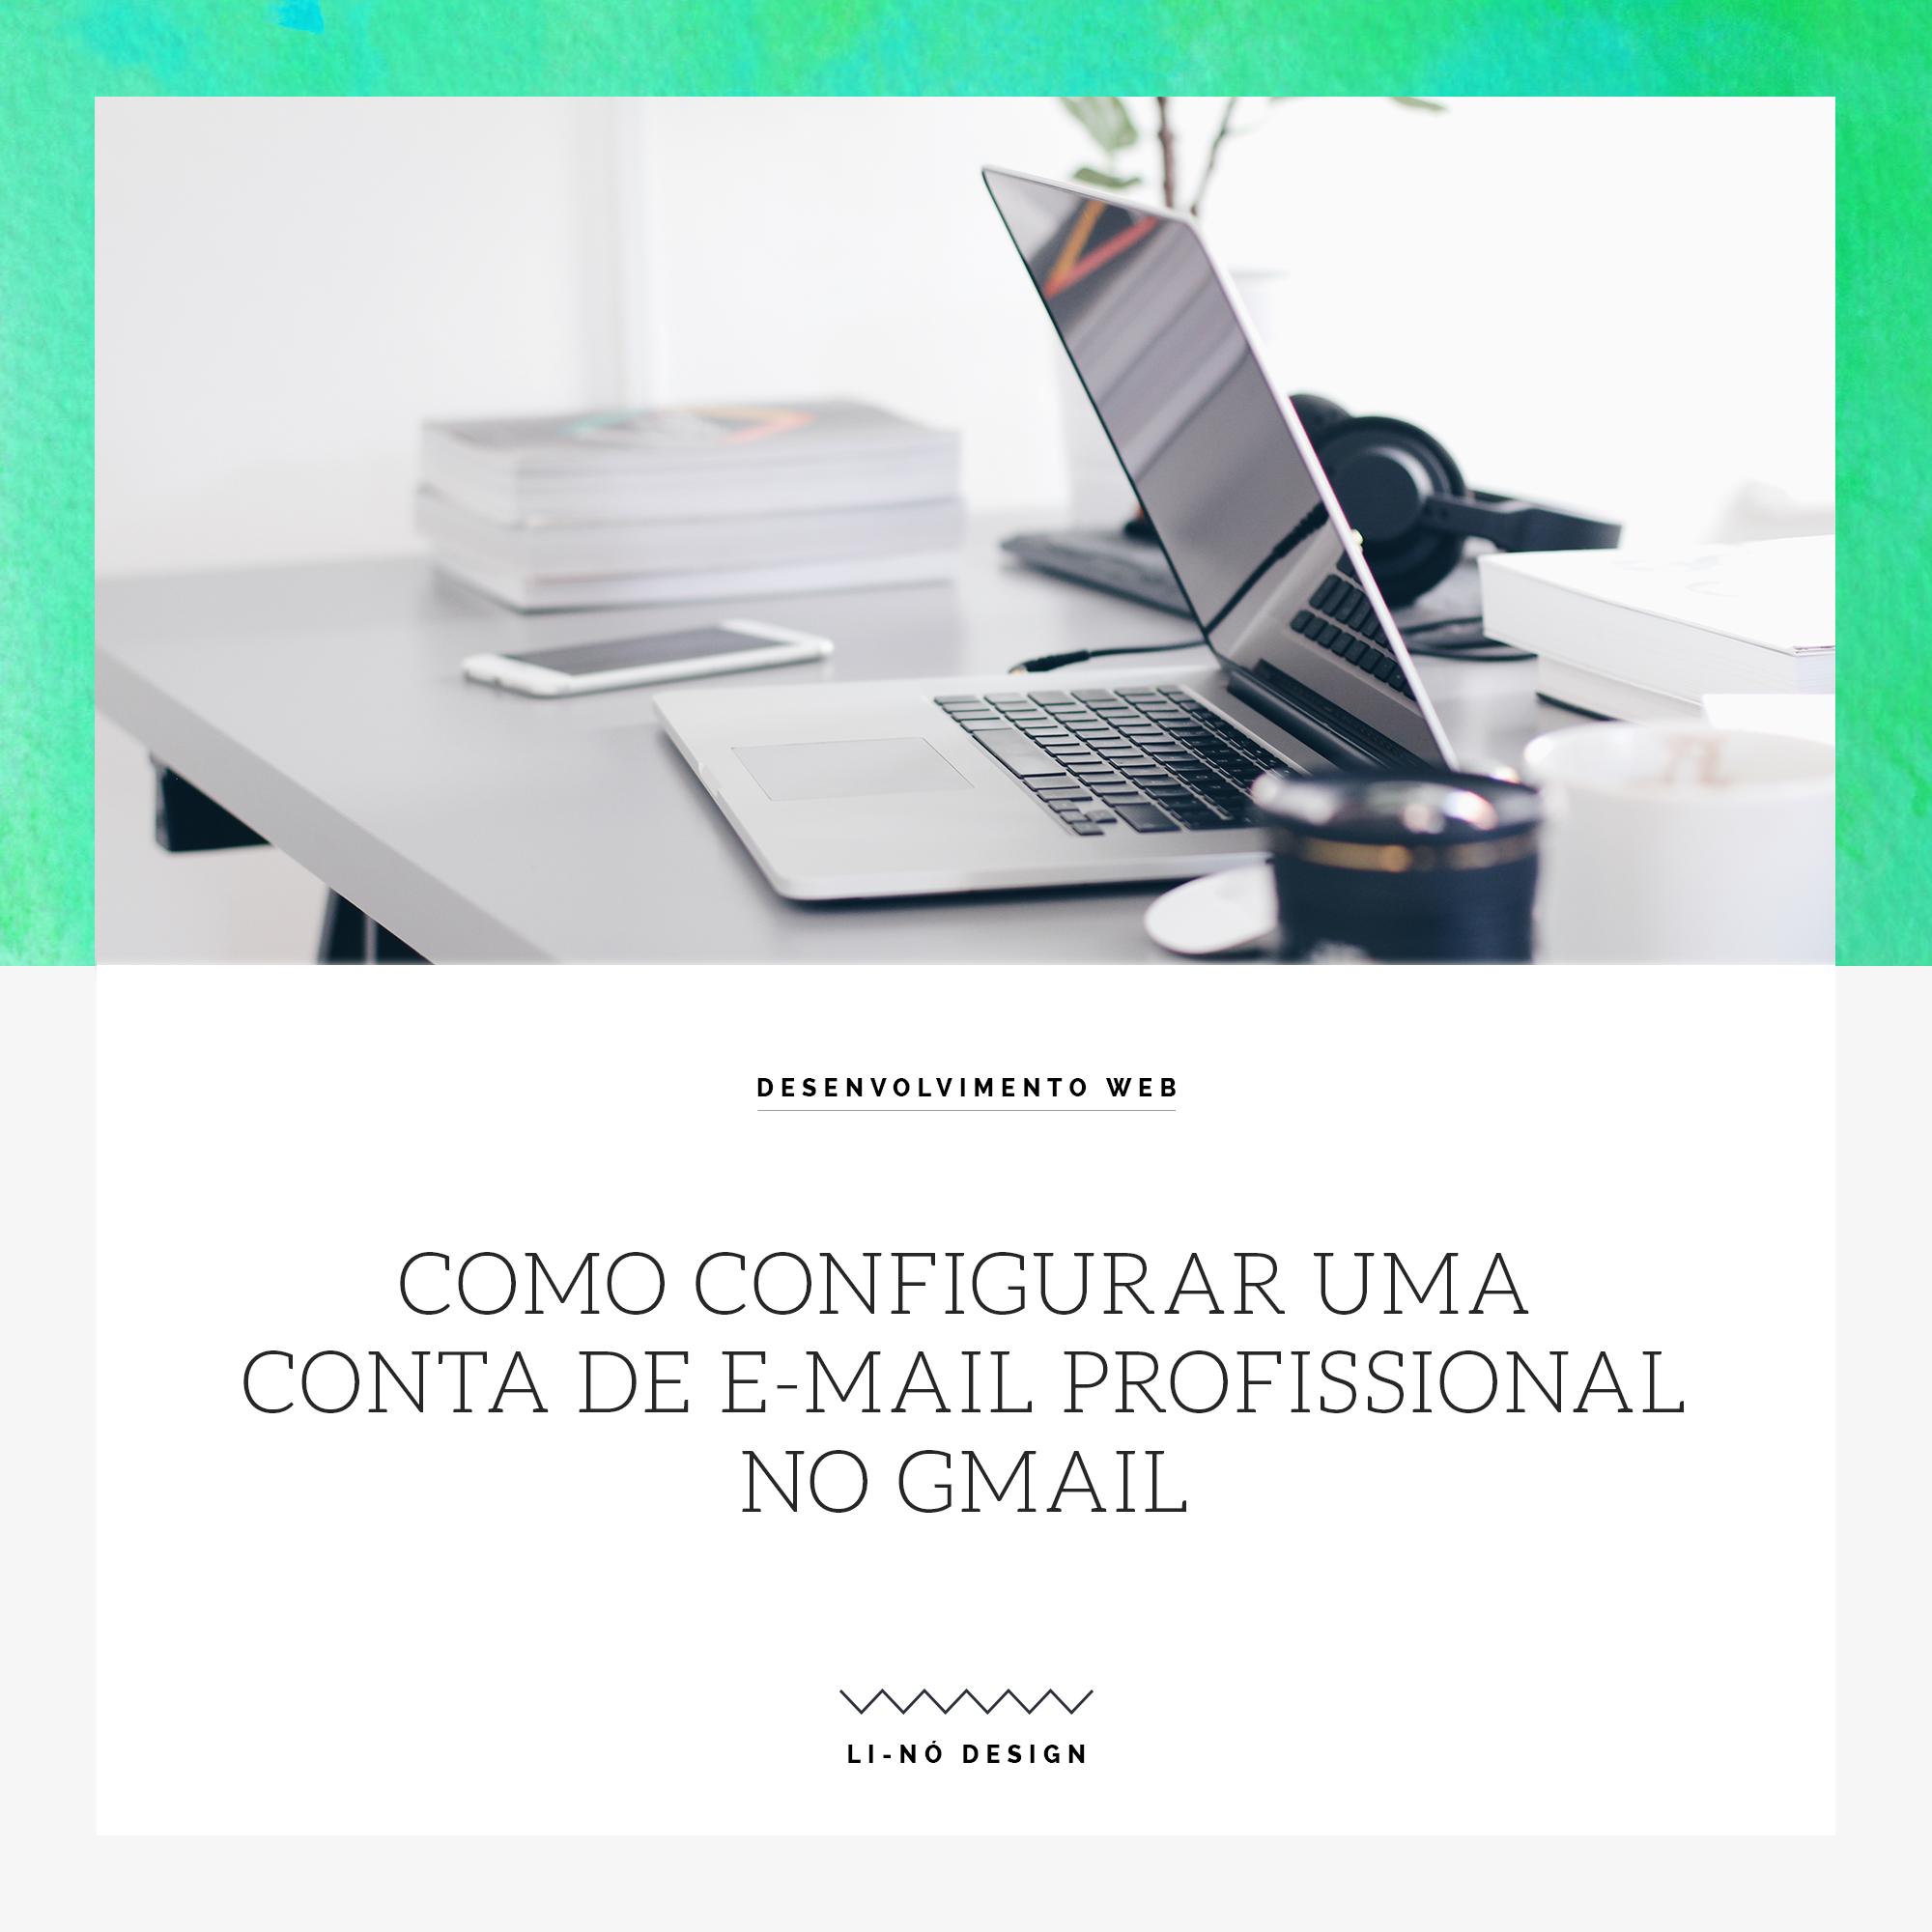 configurar uma conta de e-mail profissional no Gmail - Configurer un compte email professionnel dans Gmail